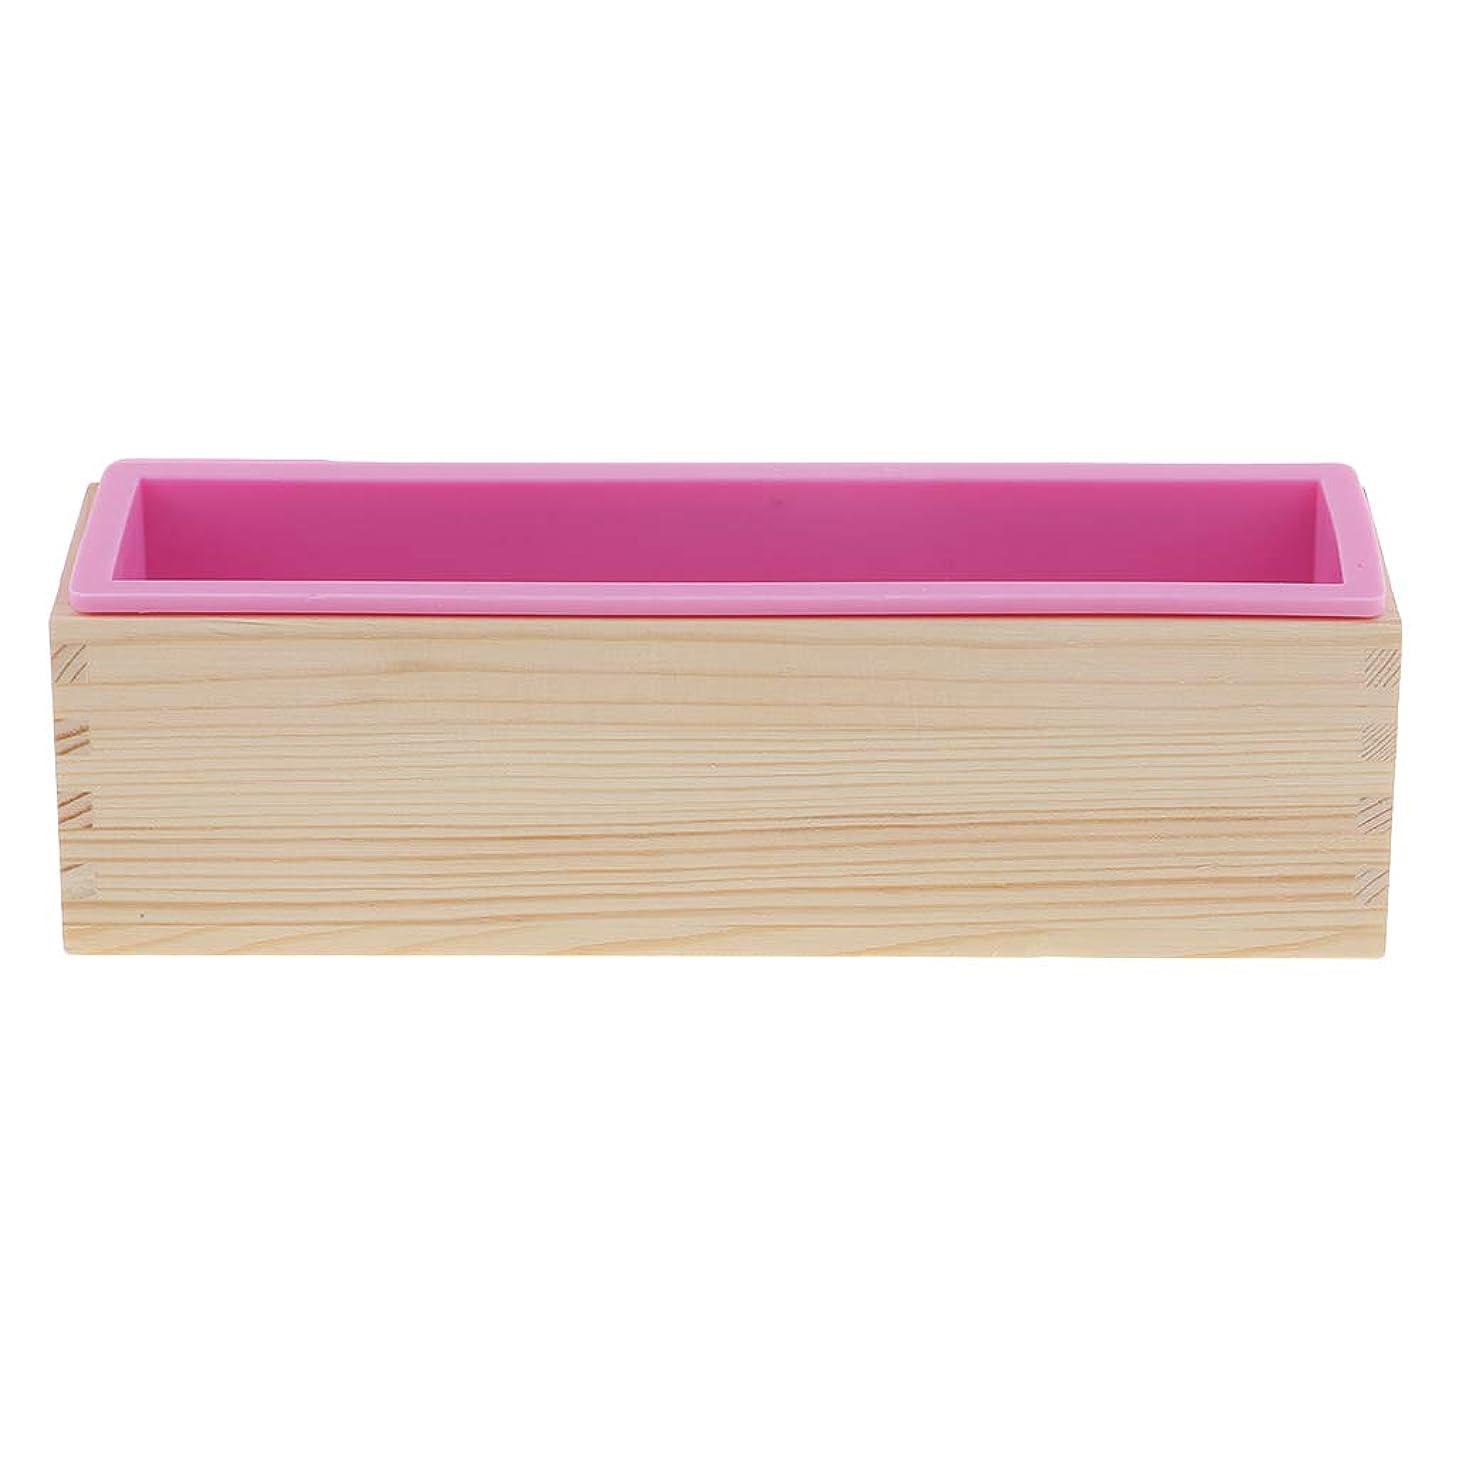 詩人圧力ボットFLAMEER ソープ金型 木製ボックス 長方形 長方形 3D 木製 箱 シリコン 鋳造 手作り ピンク